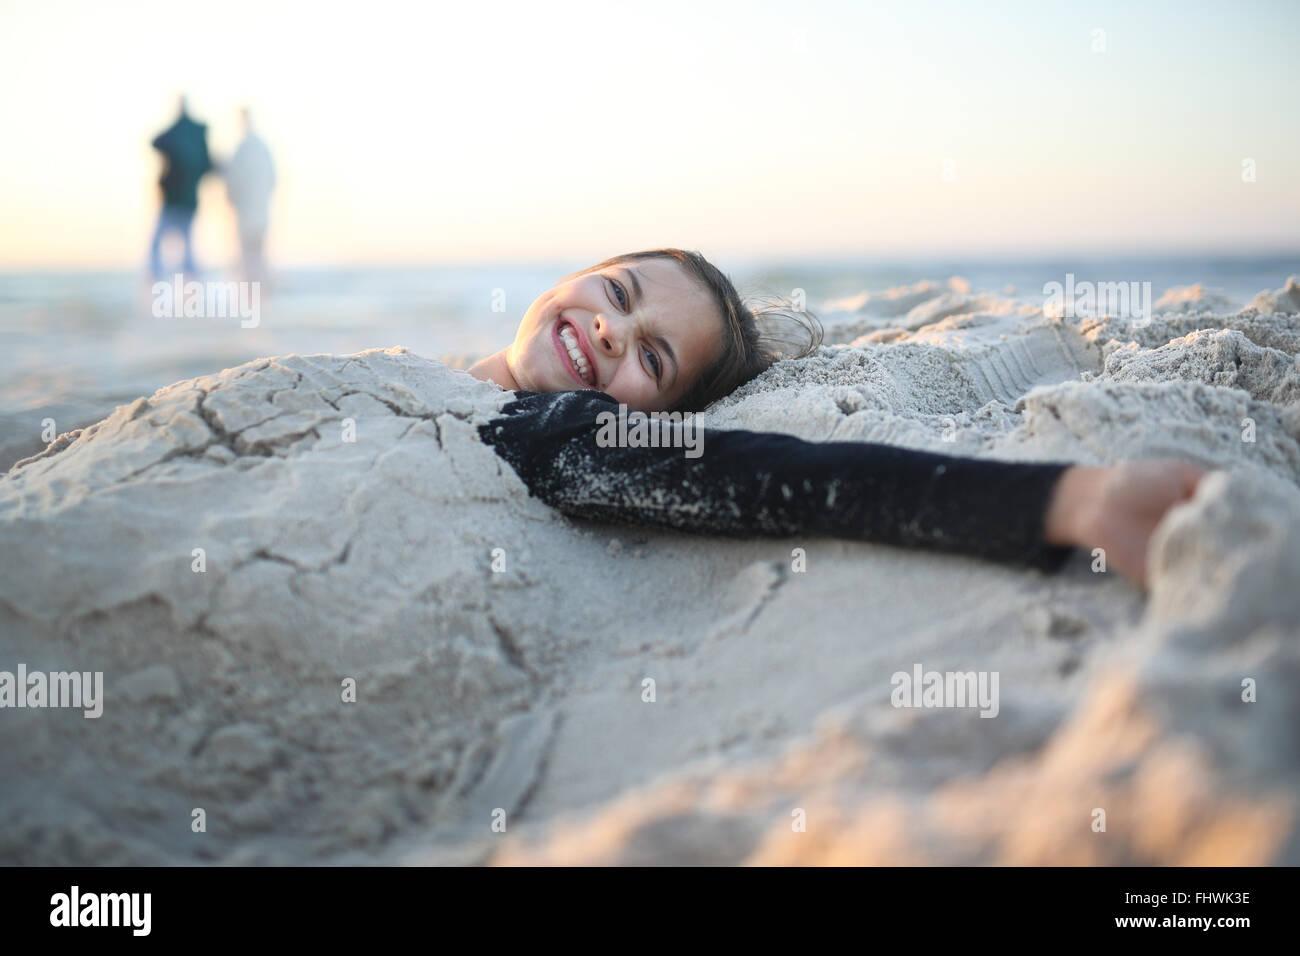 Spiaggia, gioia e divertimento. Ridendo, felice ragazza distesa su di una spiaggia di sabbia Immagini Stock